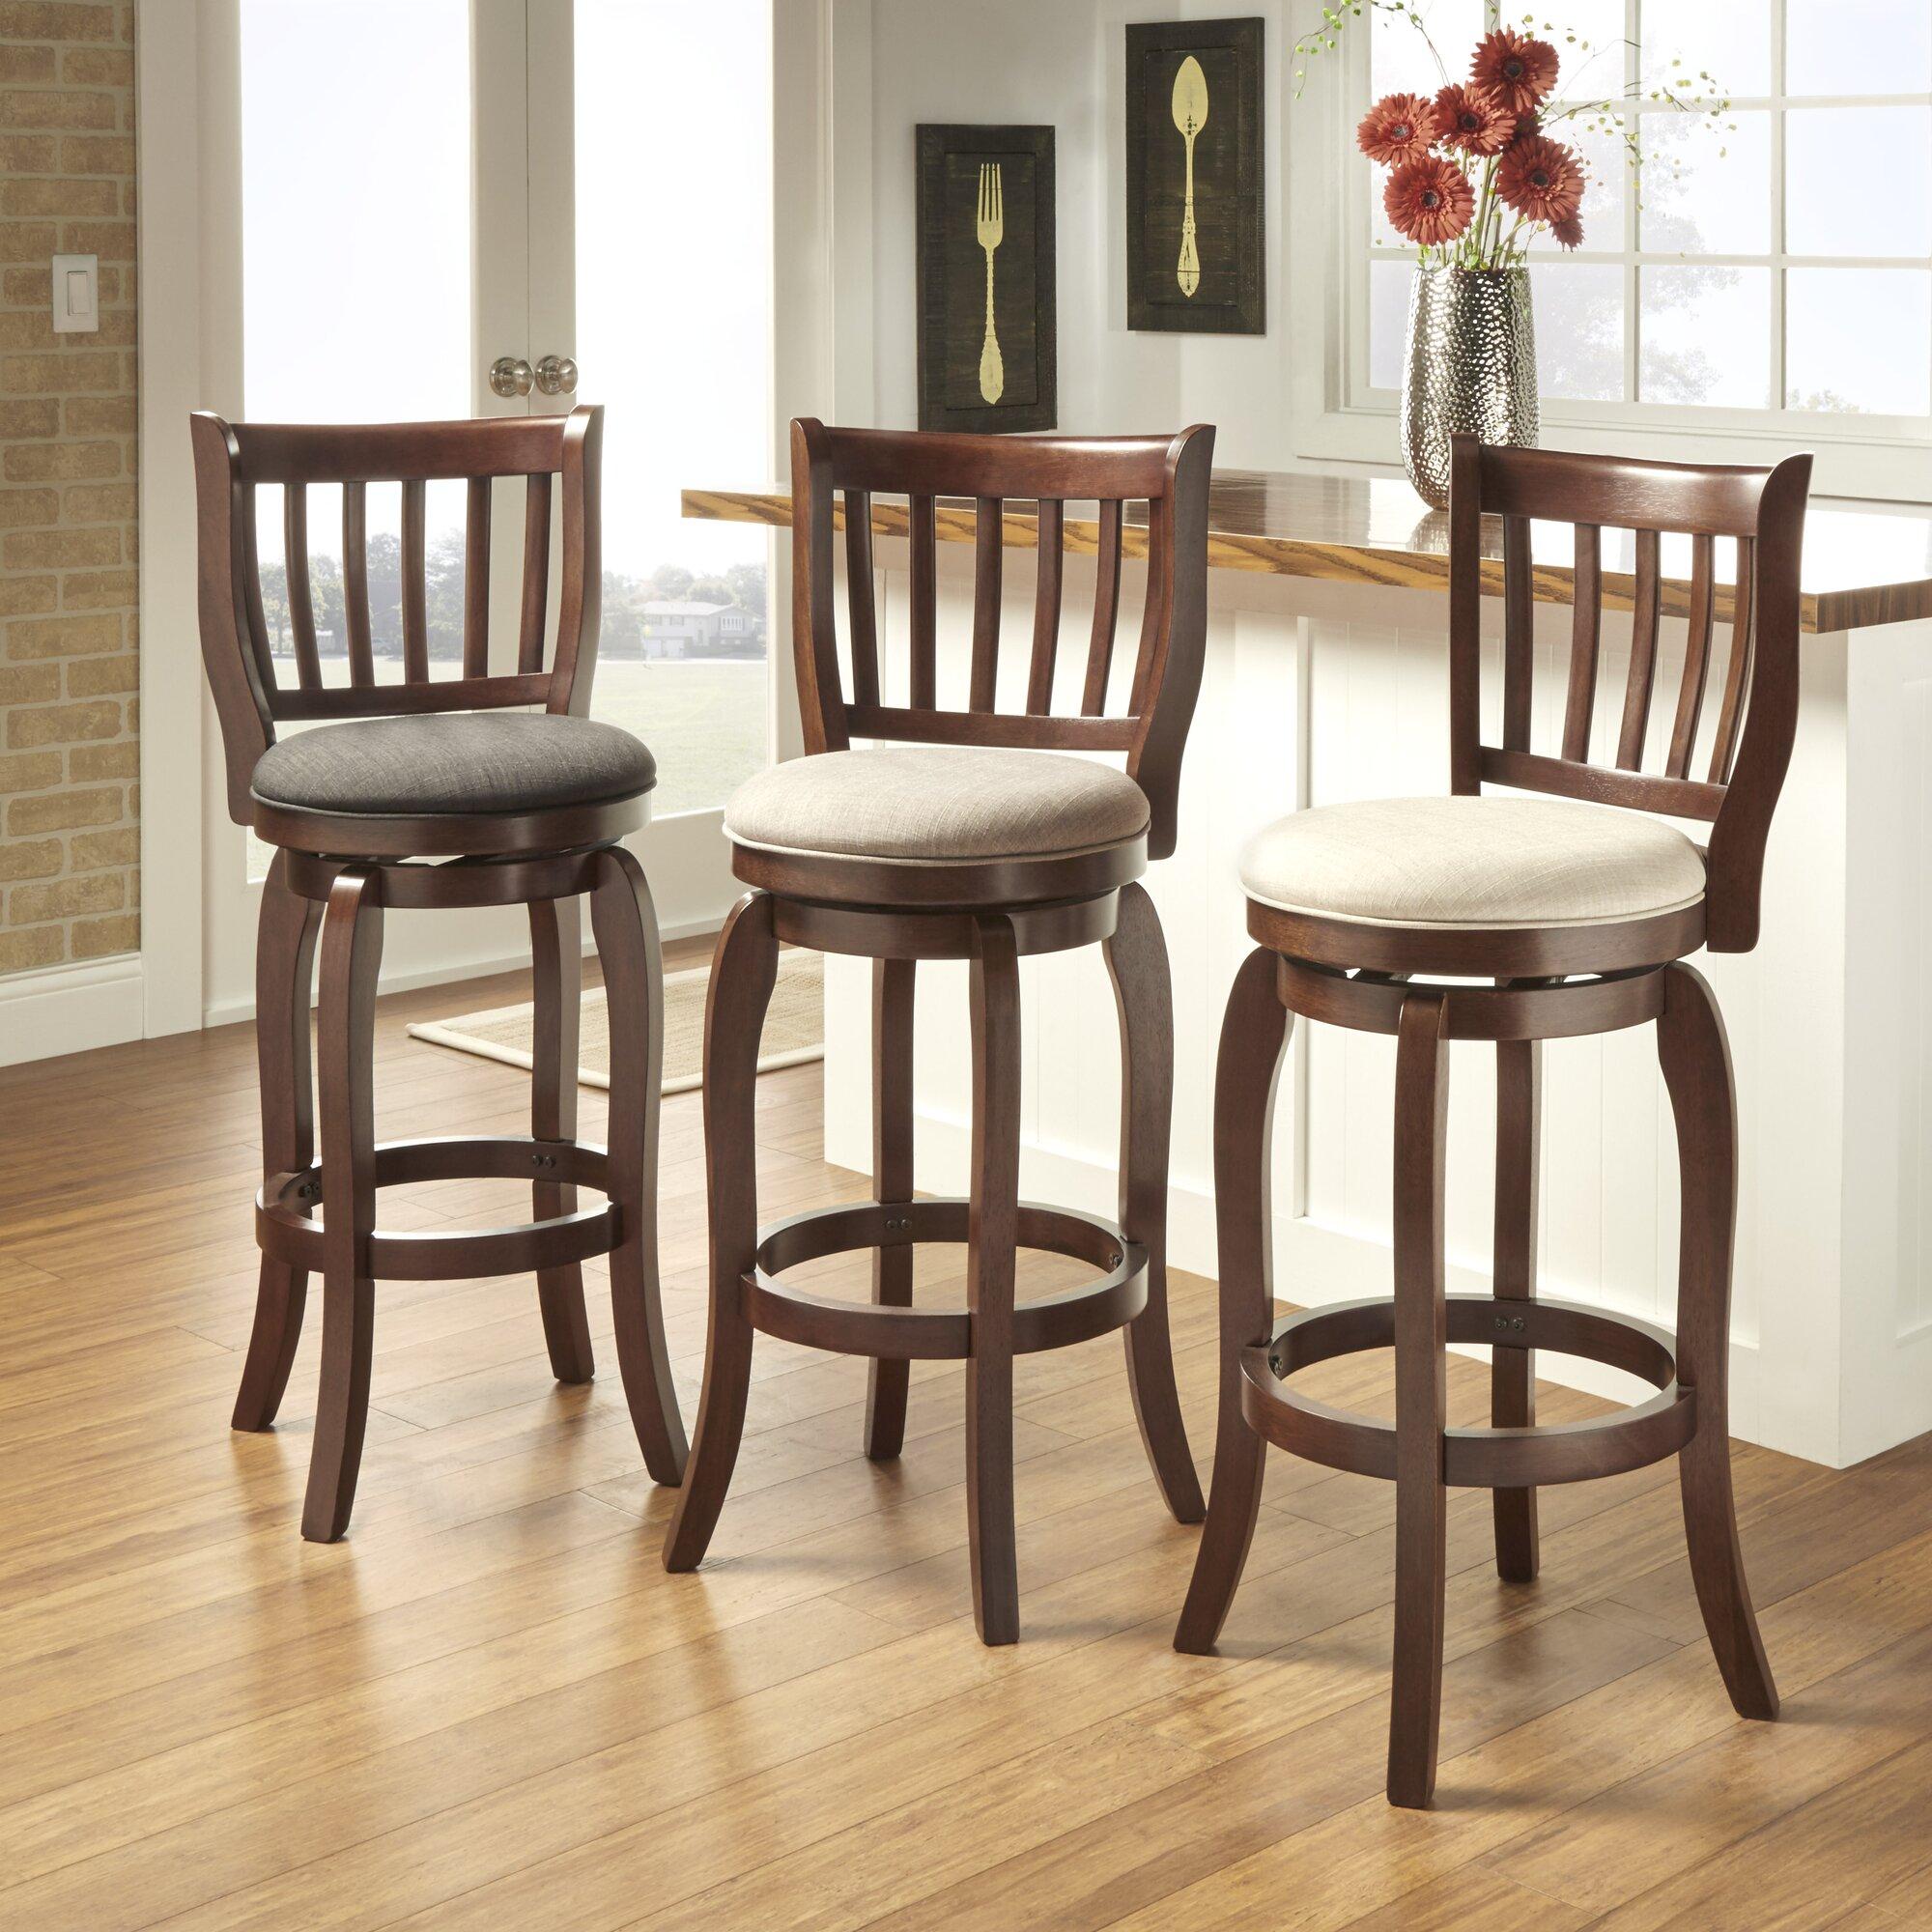 Sfi engineered wood floors reviews - Morgan 29 Swivel Bar Stool